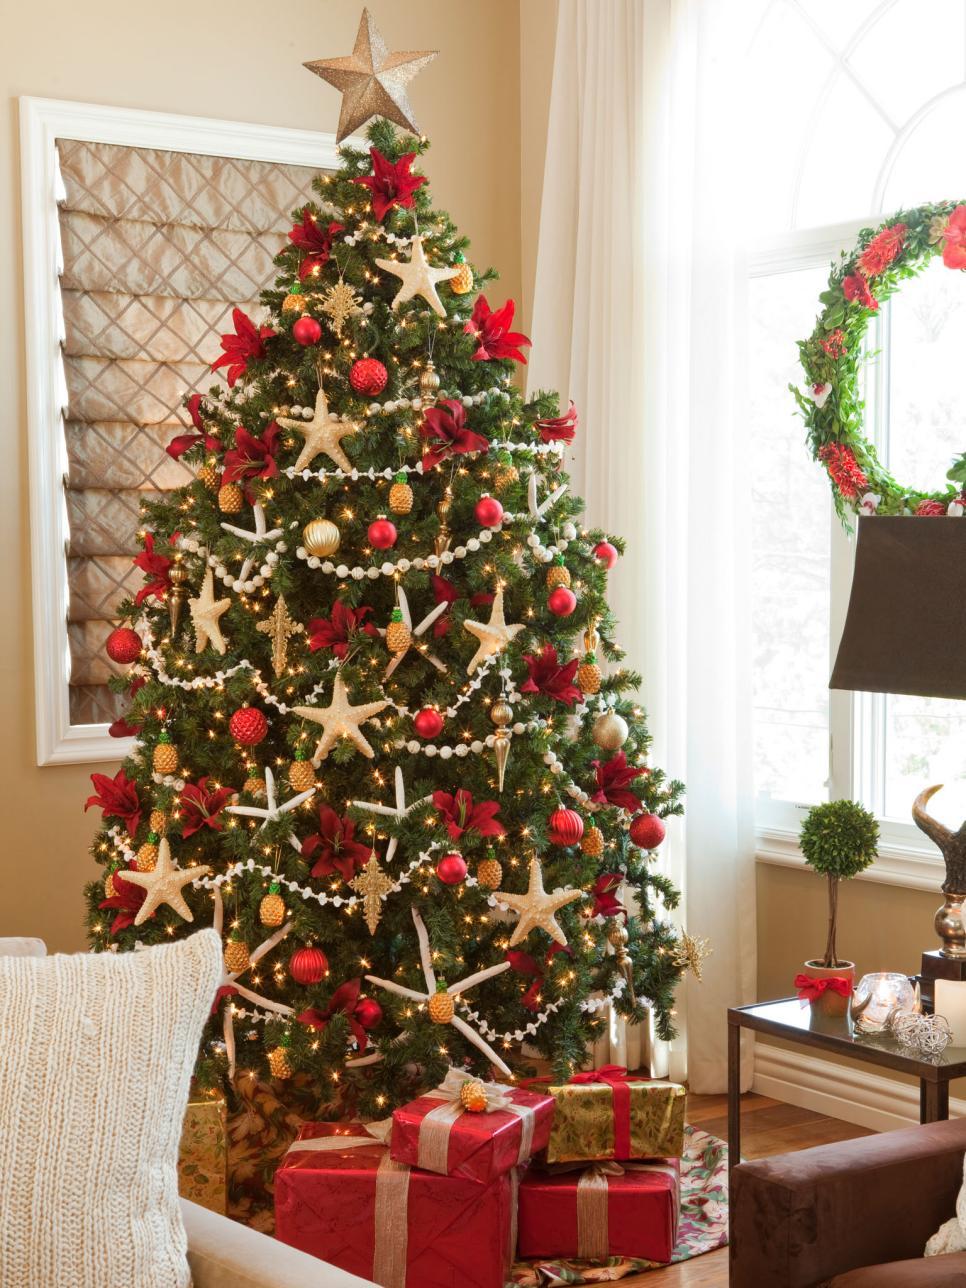 Idei pentru bradul de Crăciun pe care să le încerci anul acesta